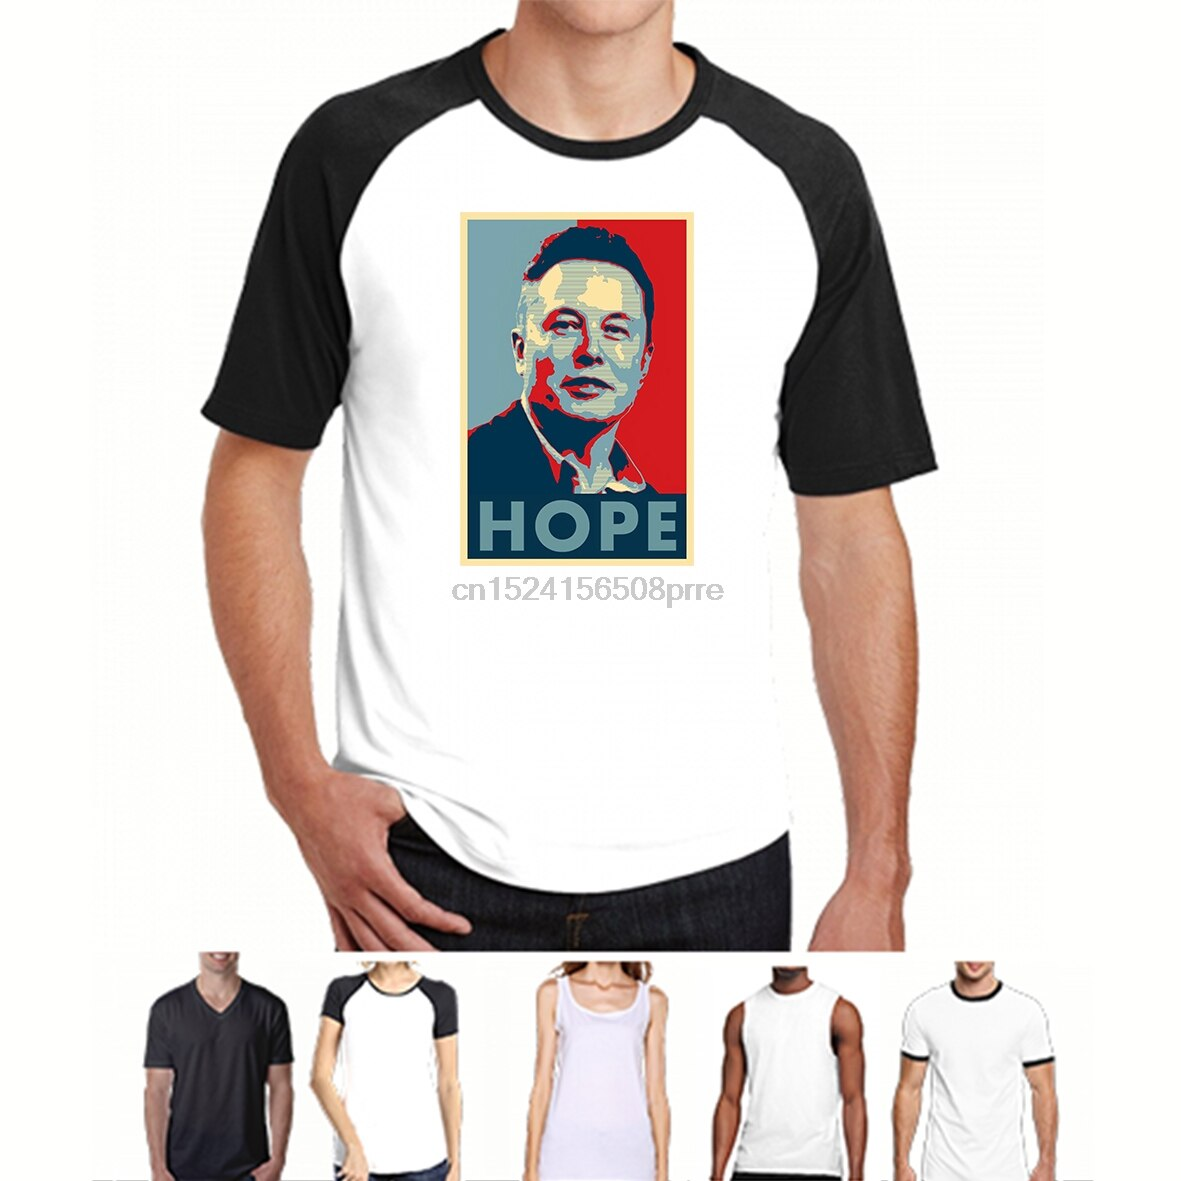 Camiseta divertida a la moda para hombre, camiseta para mujer, camiseta con estampados personalizados Elon Musk Hope Poster